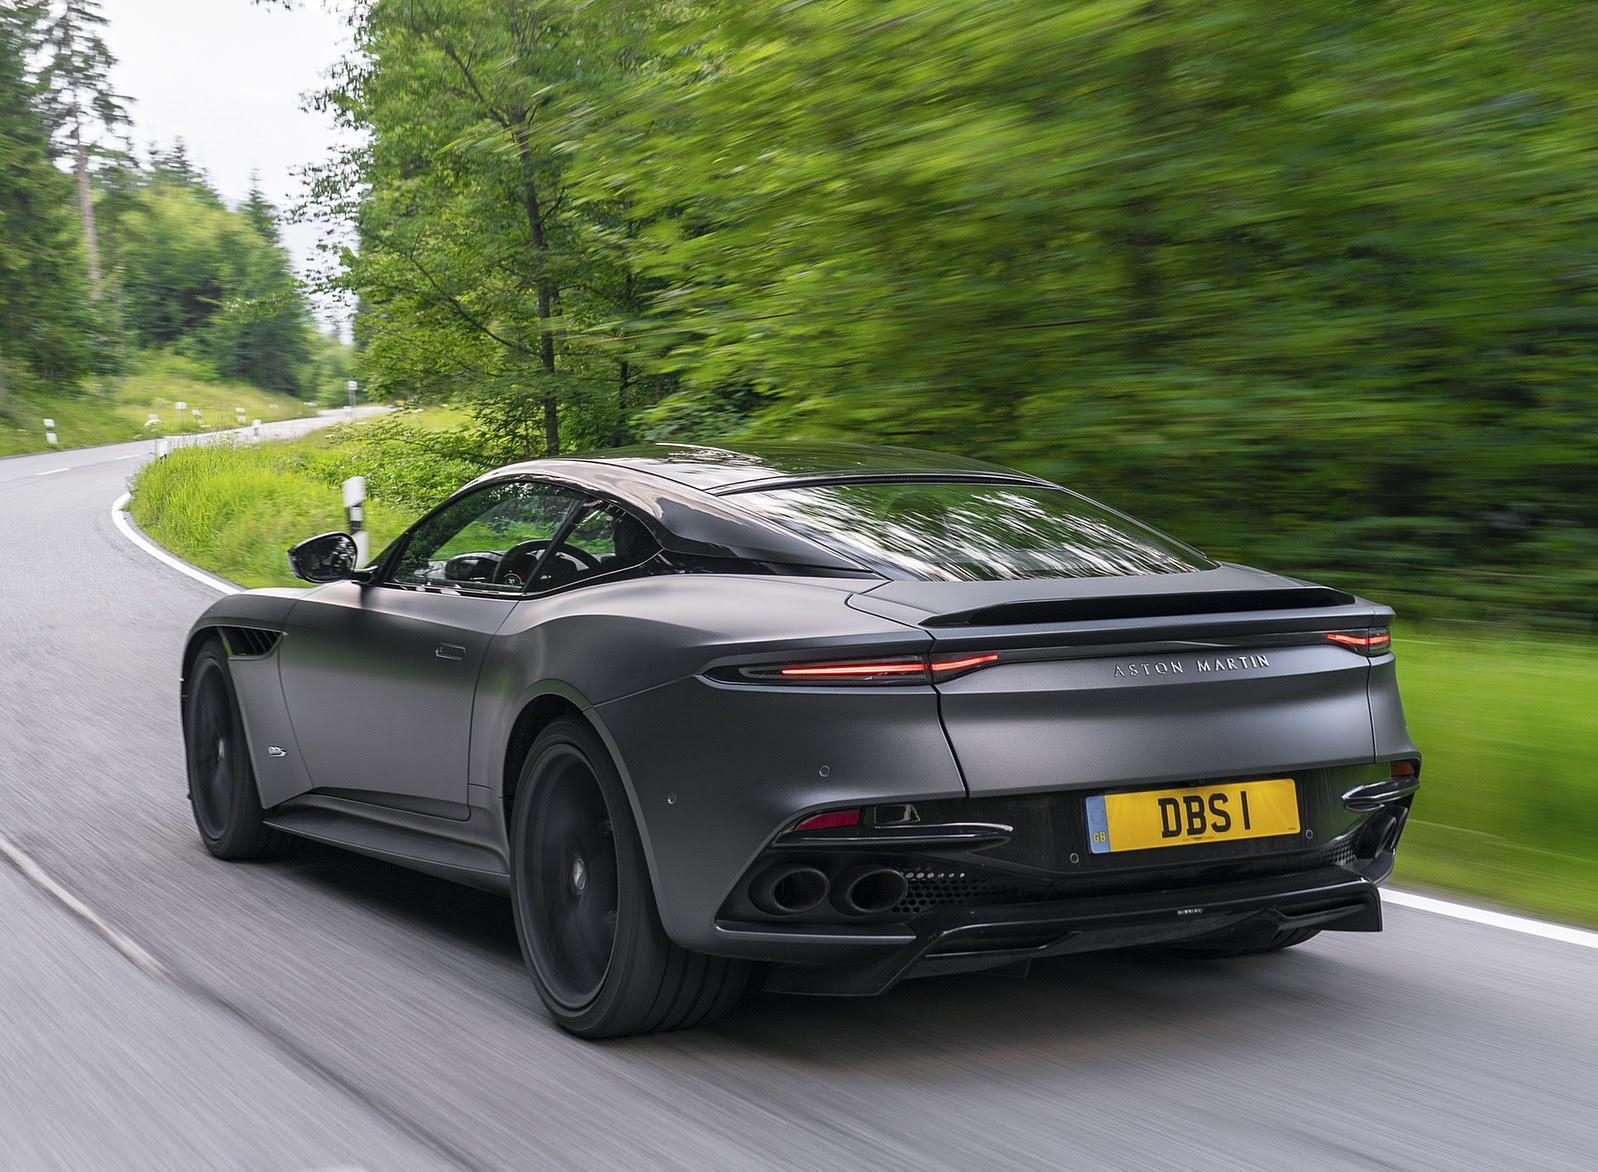 2019 Aston Martin Dbs Superleggera Color Satin Xenon Grey Rear Three Quarter Wallpapers 69 Newcarcars